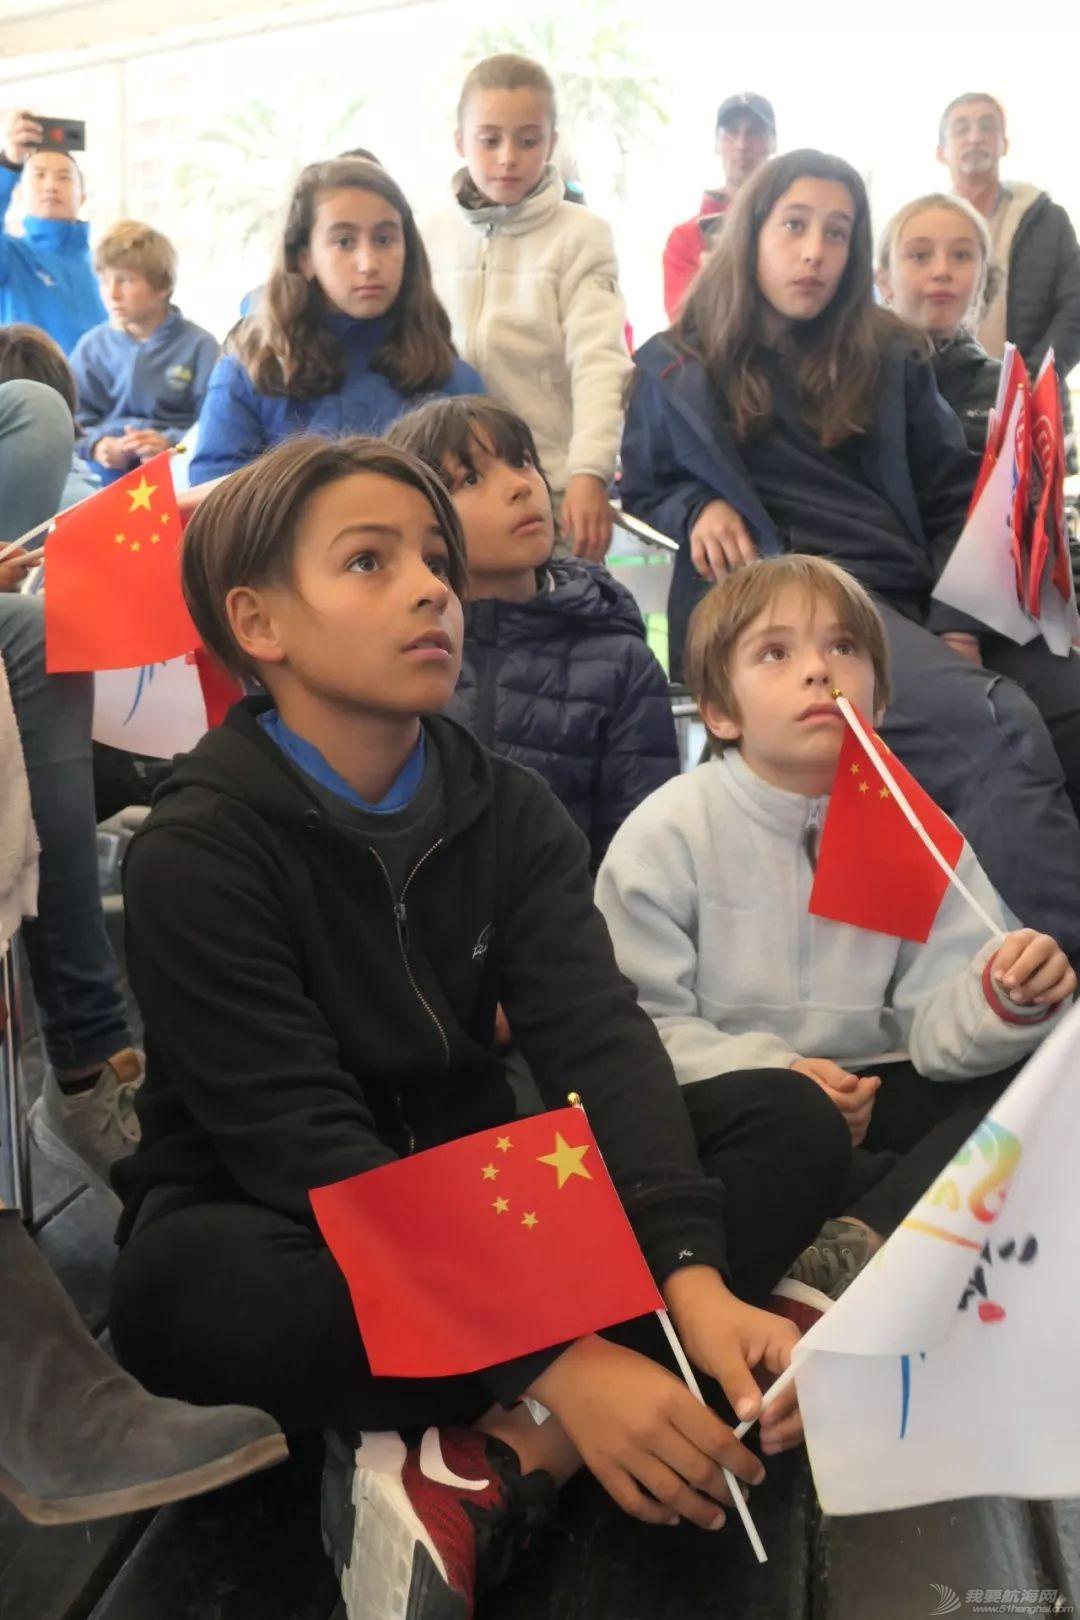 讲故事、学中文 三亚城市推广欢乐走进乌拉圭学校w10.jpg